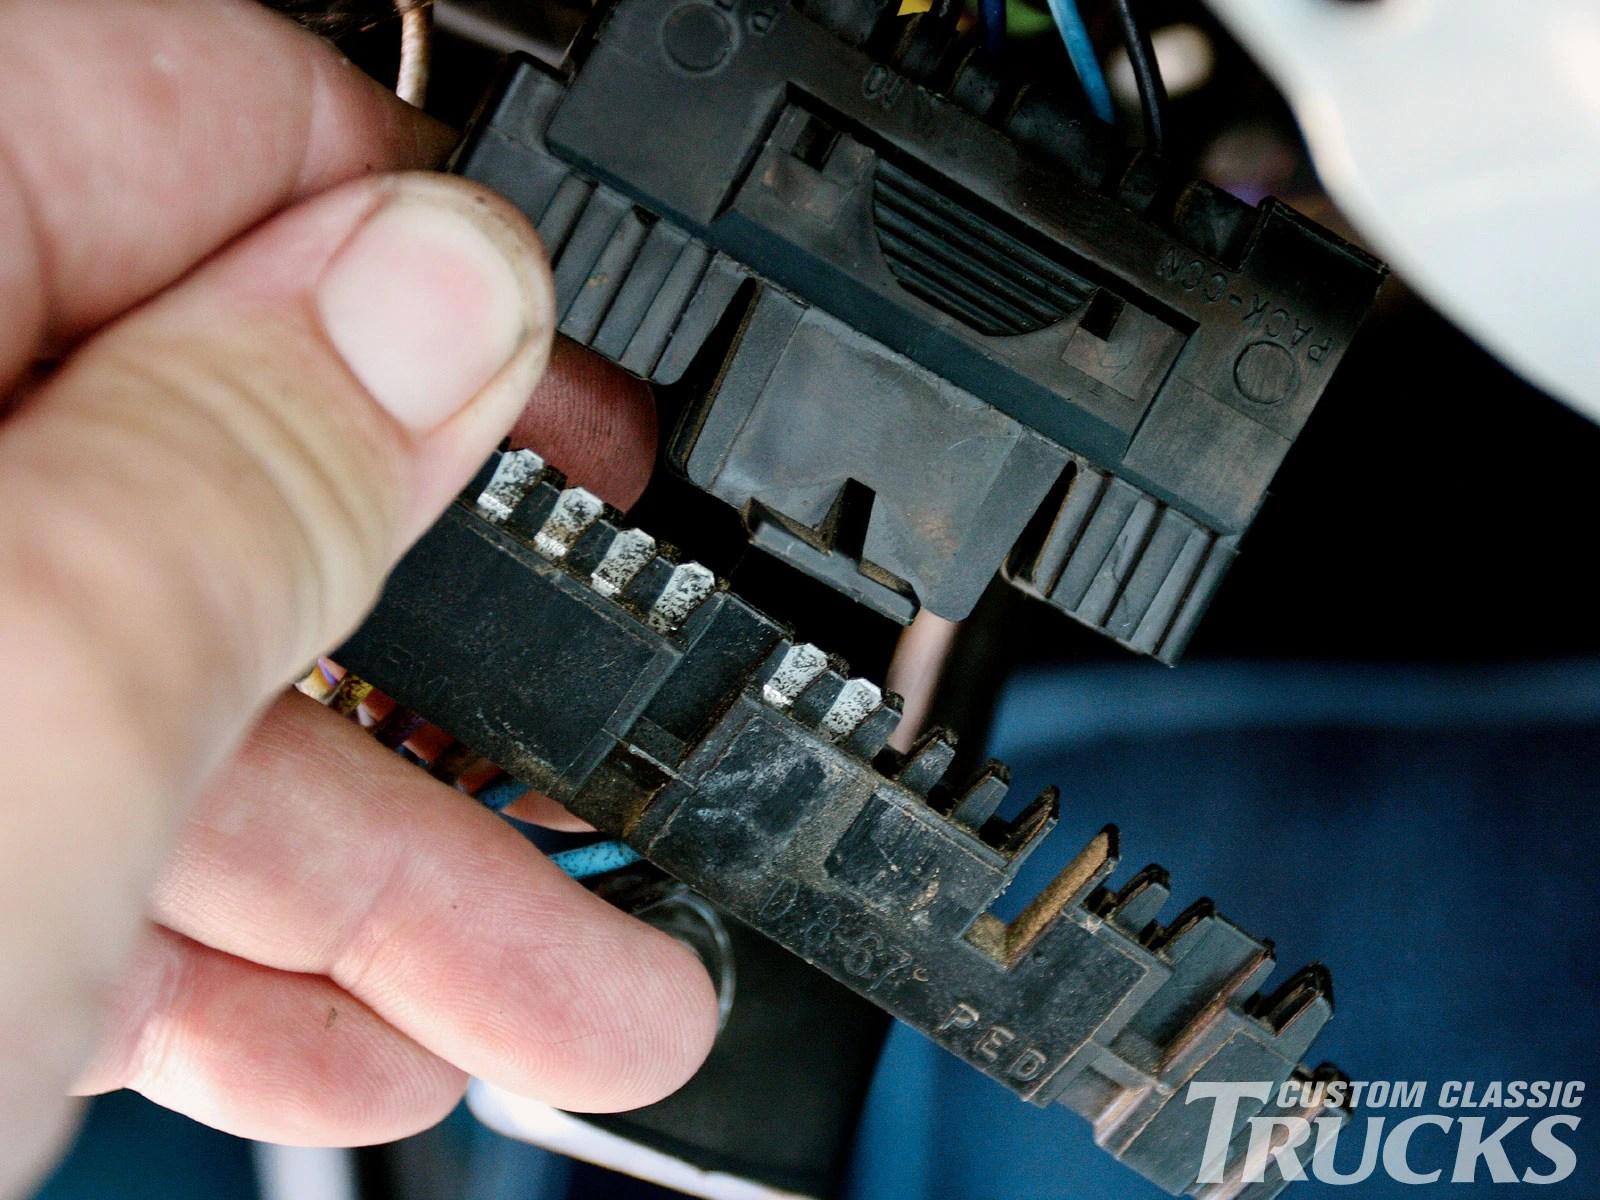 chevy tilt steering column diagram gm map sensor wiring 1973 1978 c10 39s install hot